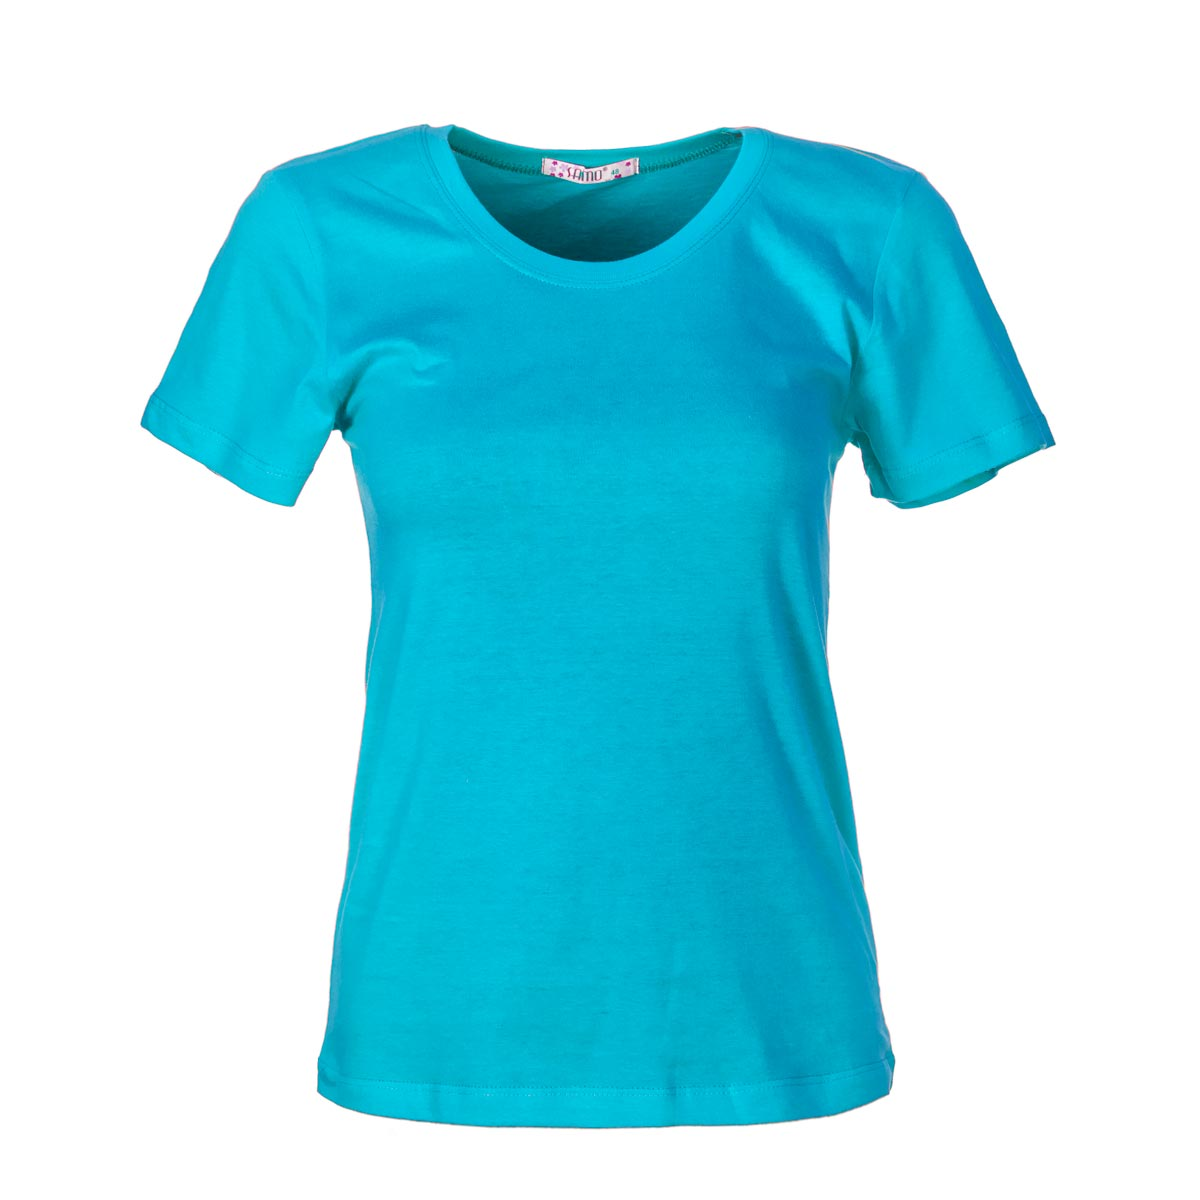 Жен. футболка арт. 04-0045 Голубой р. 44Майки и футболки<br>Фактический ОГ:72 см<br>Фактический ОТ:72 см<br>Фактический ОБ:84 см<br>Длина по спинке:55.5 см<br>Рост:164-170 см<br><br>Тип: Жен. футболка<br>Размер: 44<br>Материал: Супрем